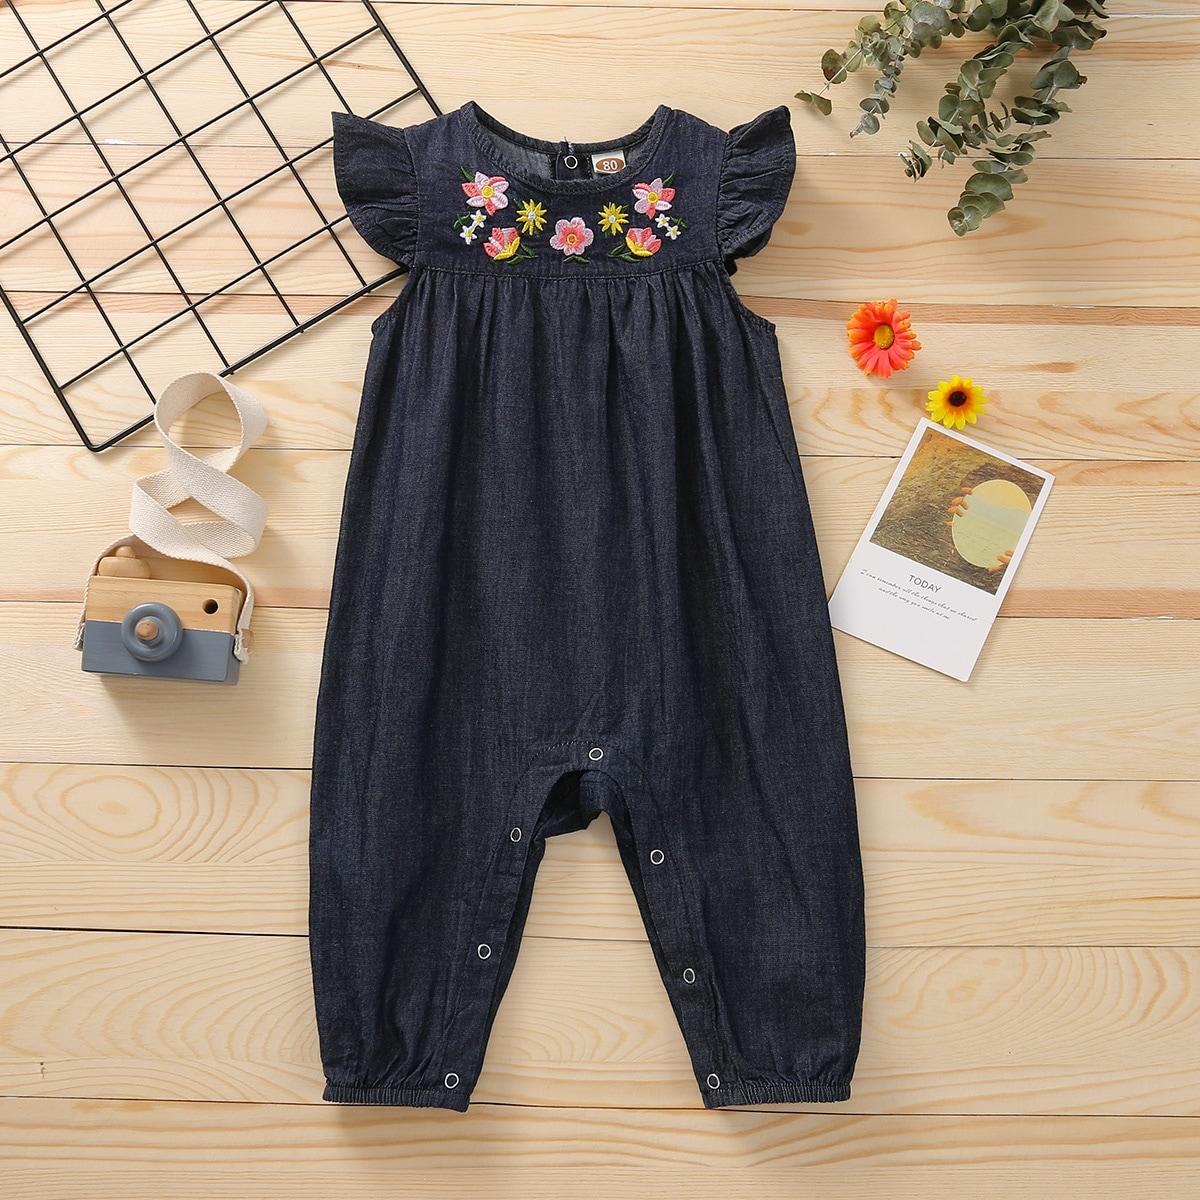 для девочек Комбинезон с цветочной вышивкой с оборками джинсовый